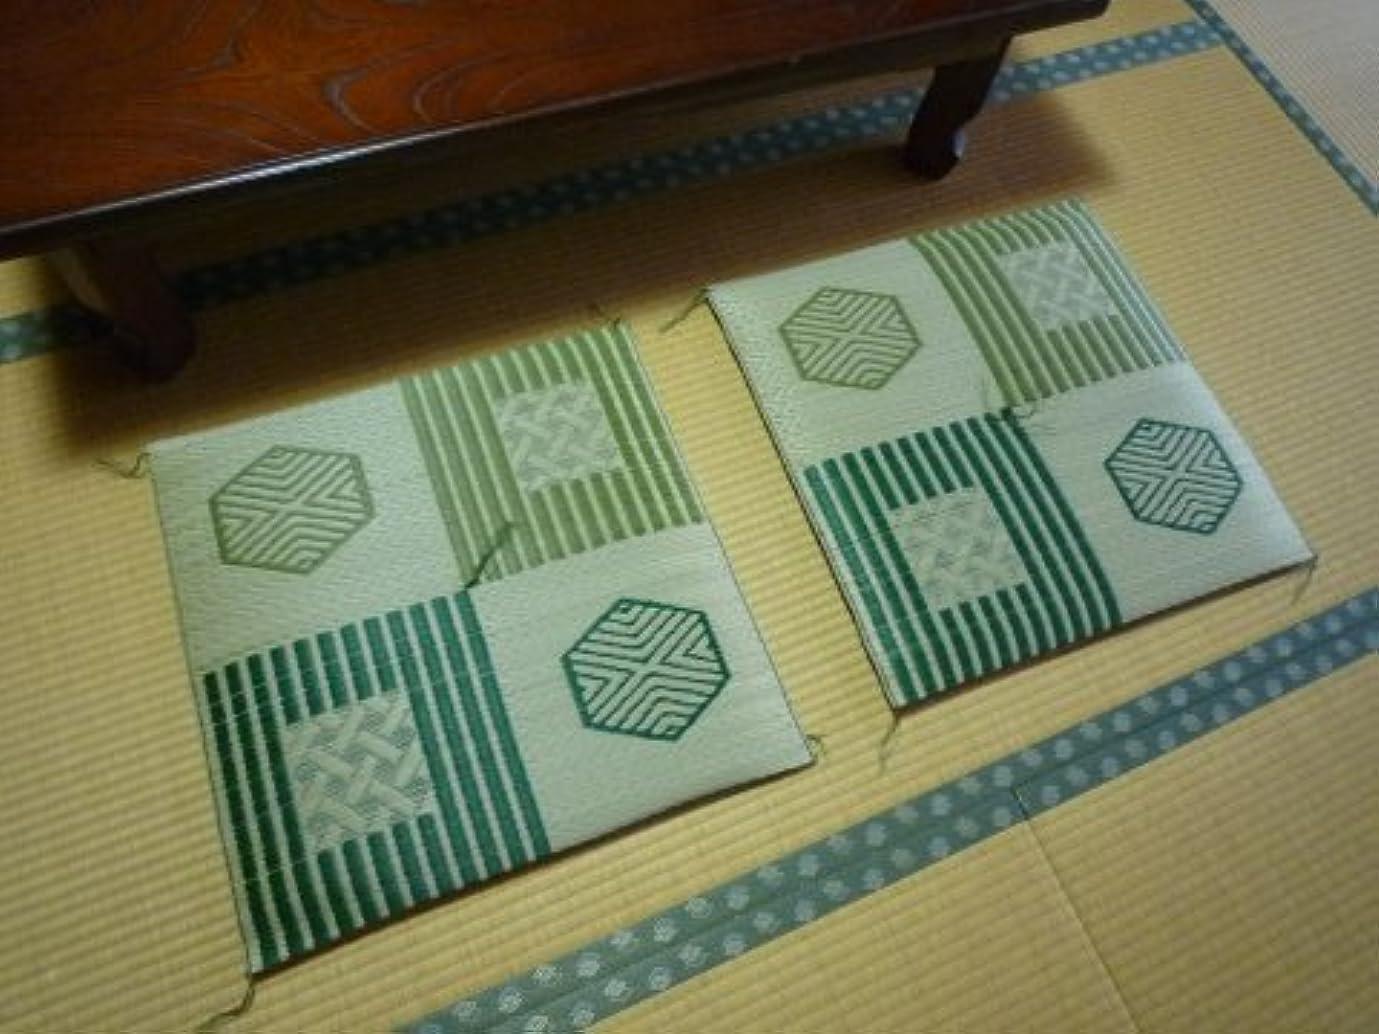 むしゃむしゃ脚本止まるい草座布団5枚組 純国産日本製 55cm×55cm 阿知絣(あちかすり)